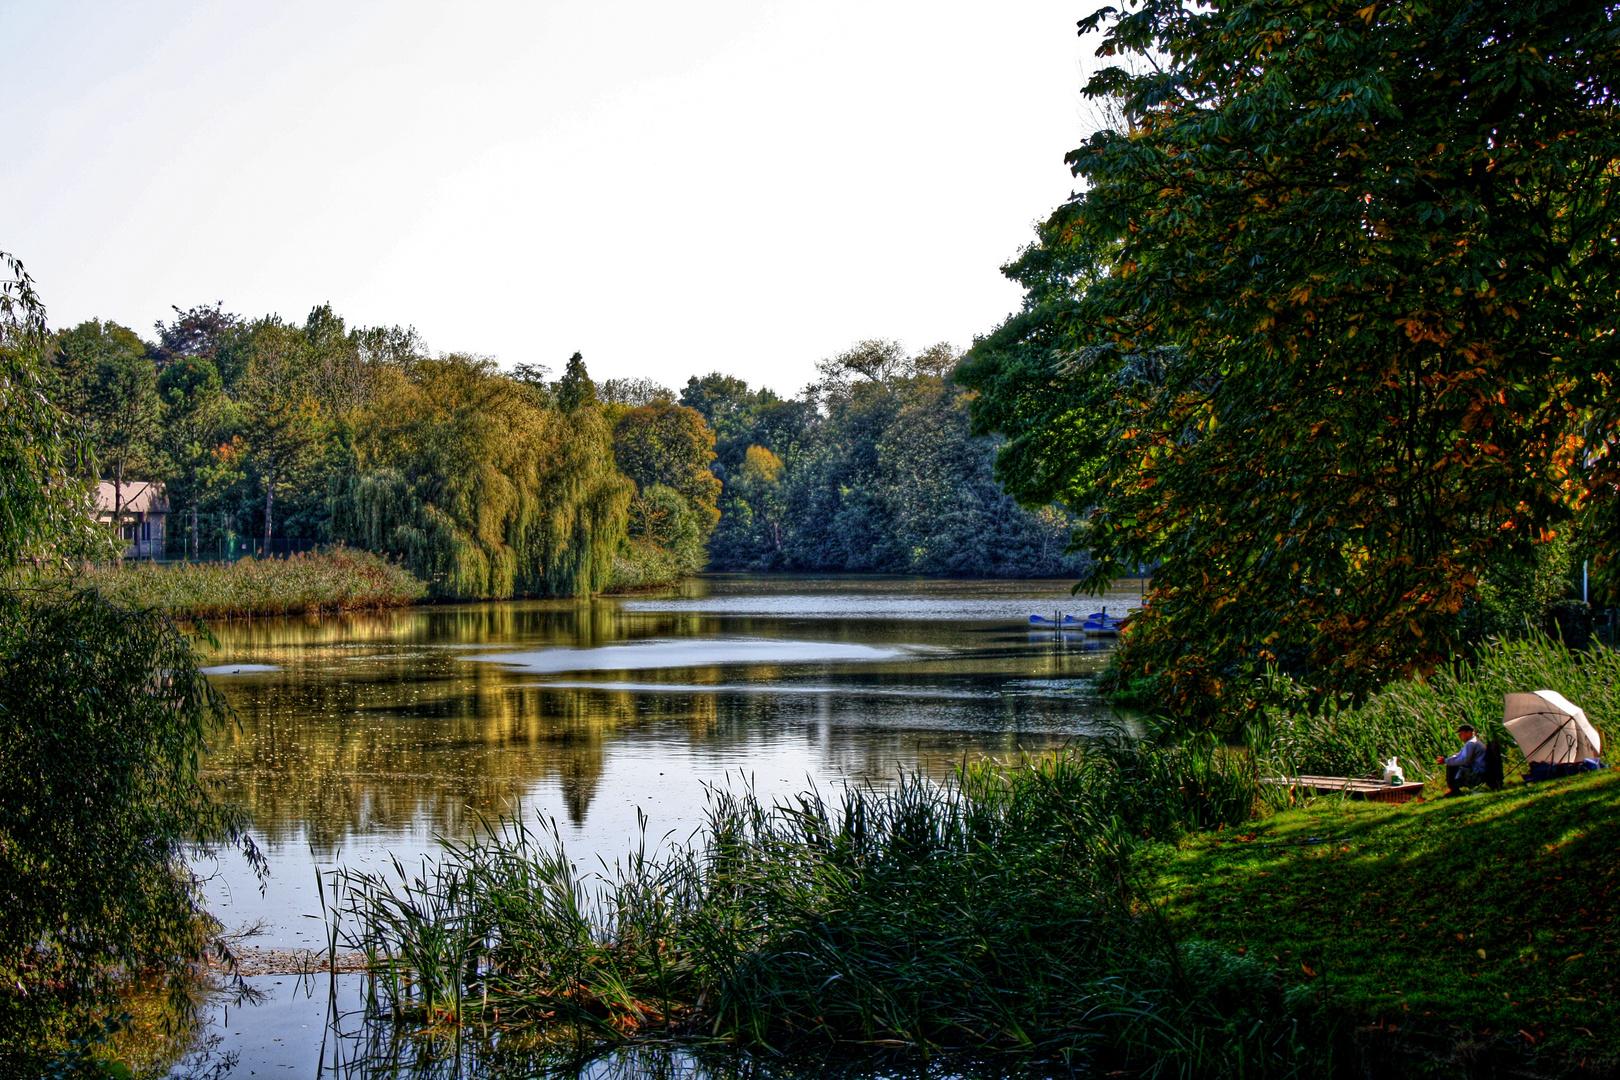 Park in Ypern